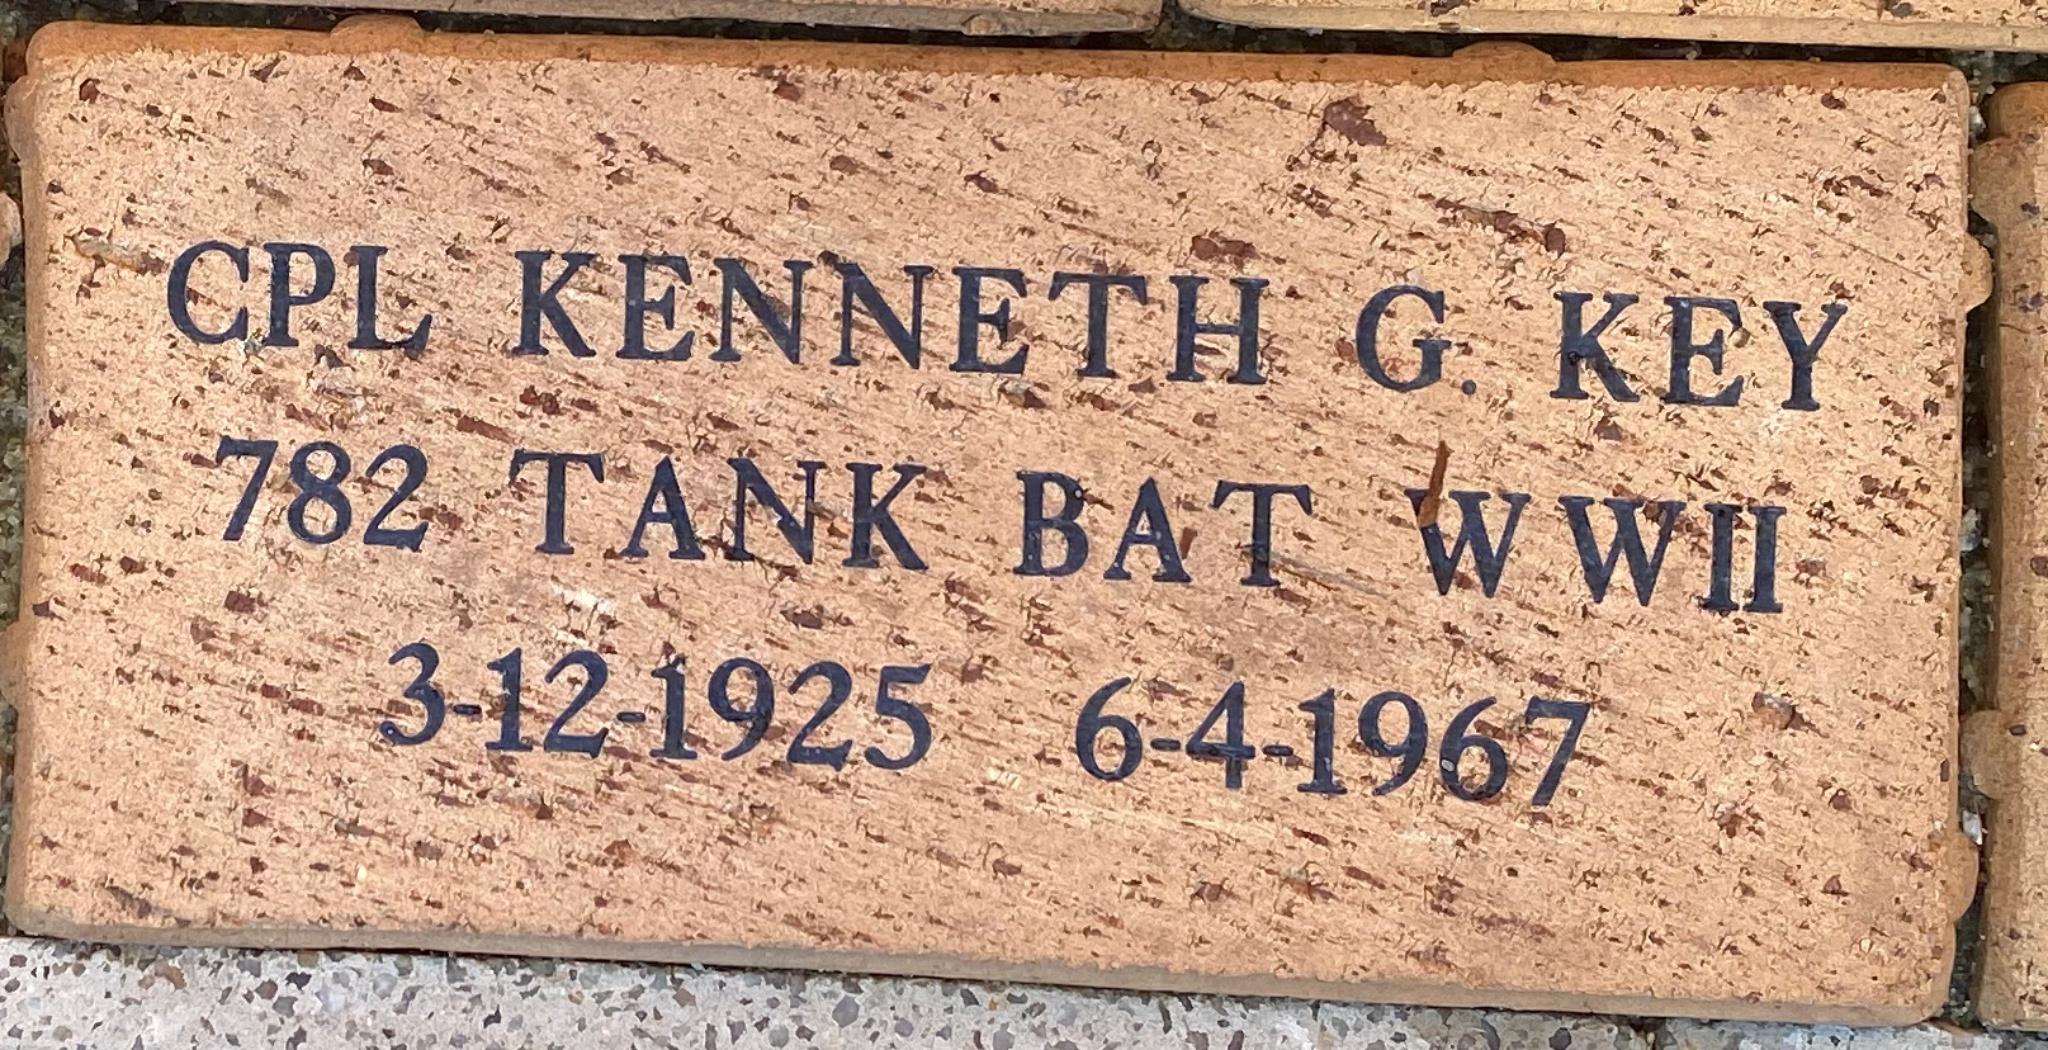 CPL KENNETH G. KEY 782 TANK BAT WWII 3-12-1925 – 6-4-1967